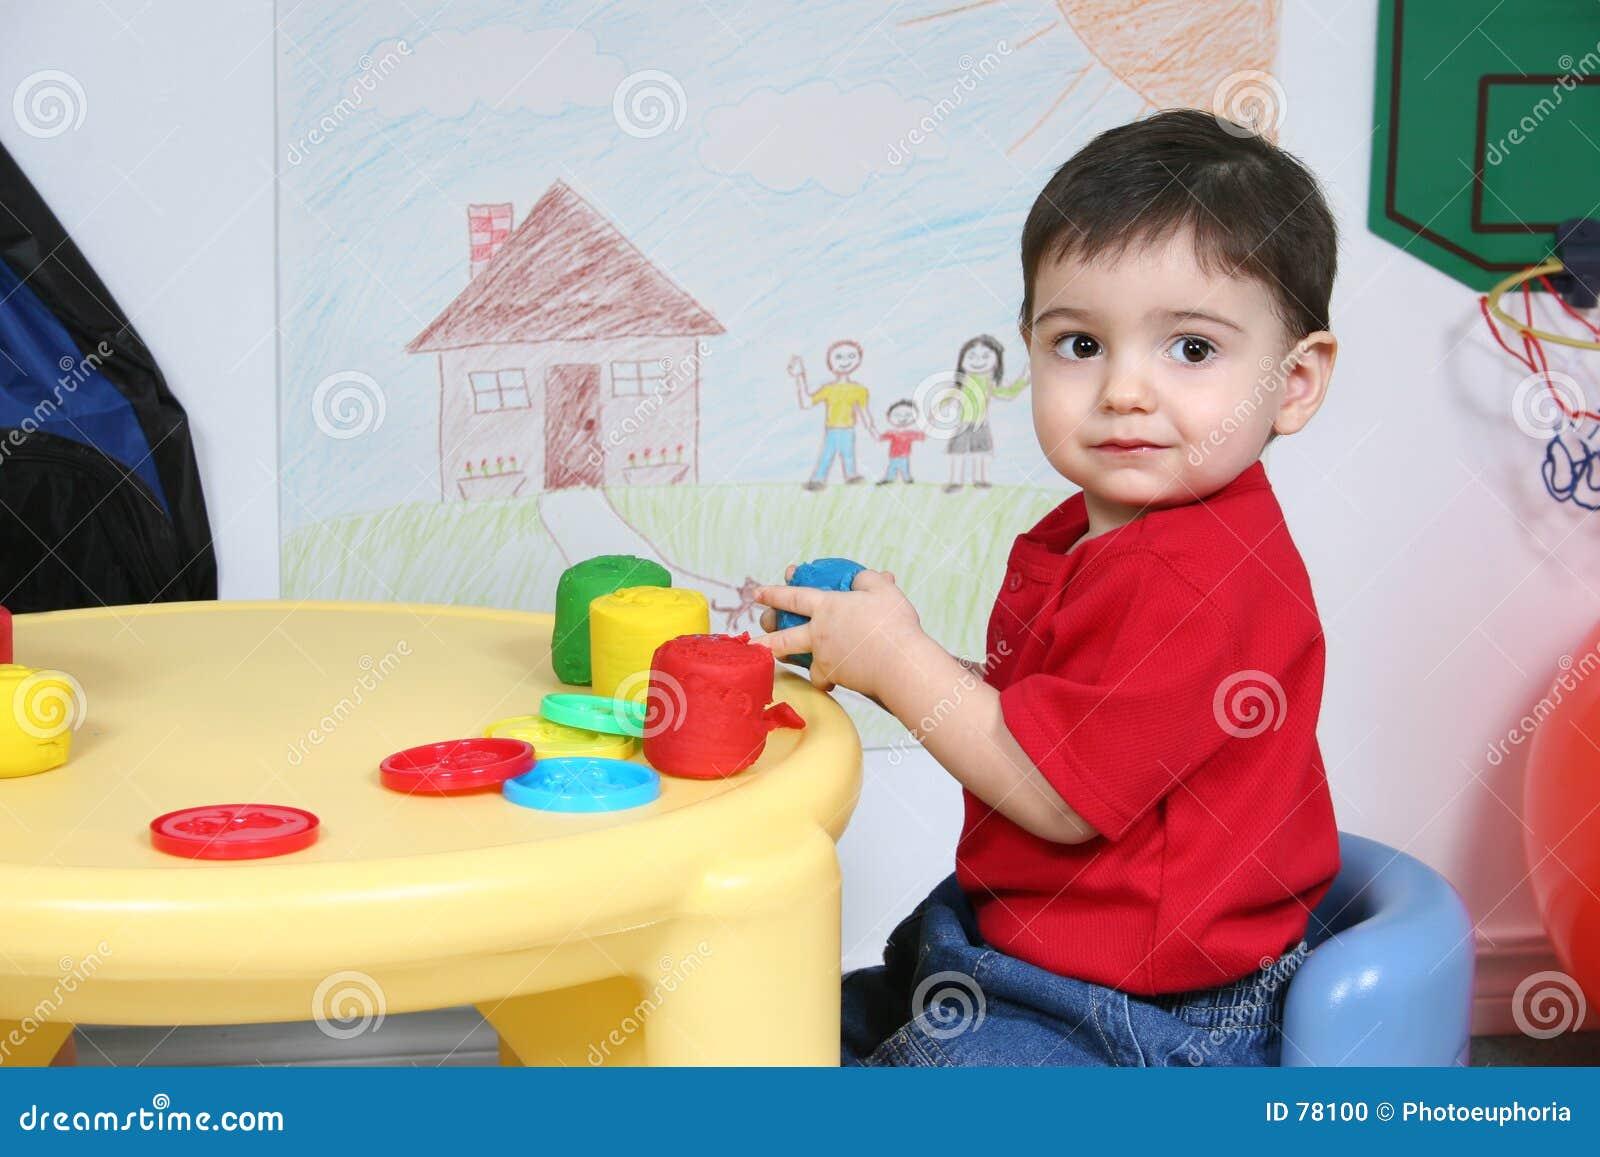 λατρευτή ζωηρόχρωμη ζύμη που παίζει preschooler